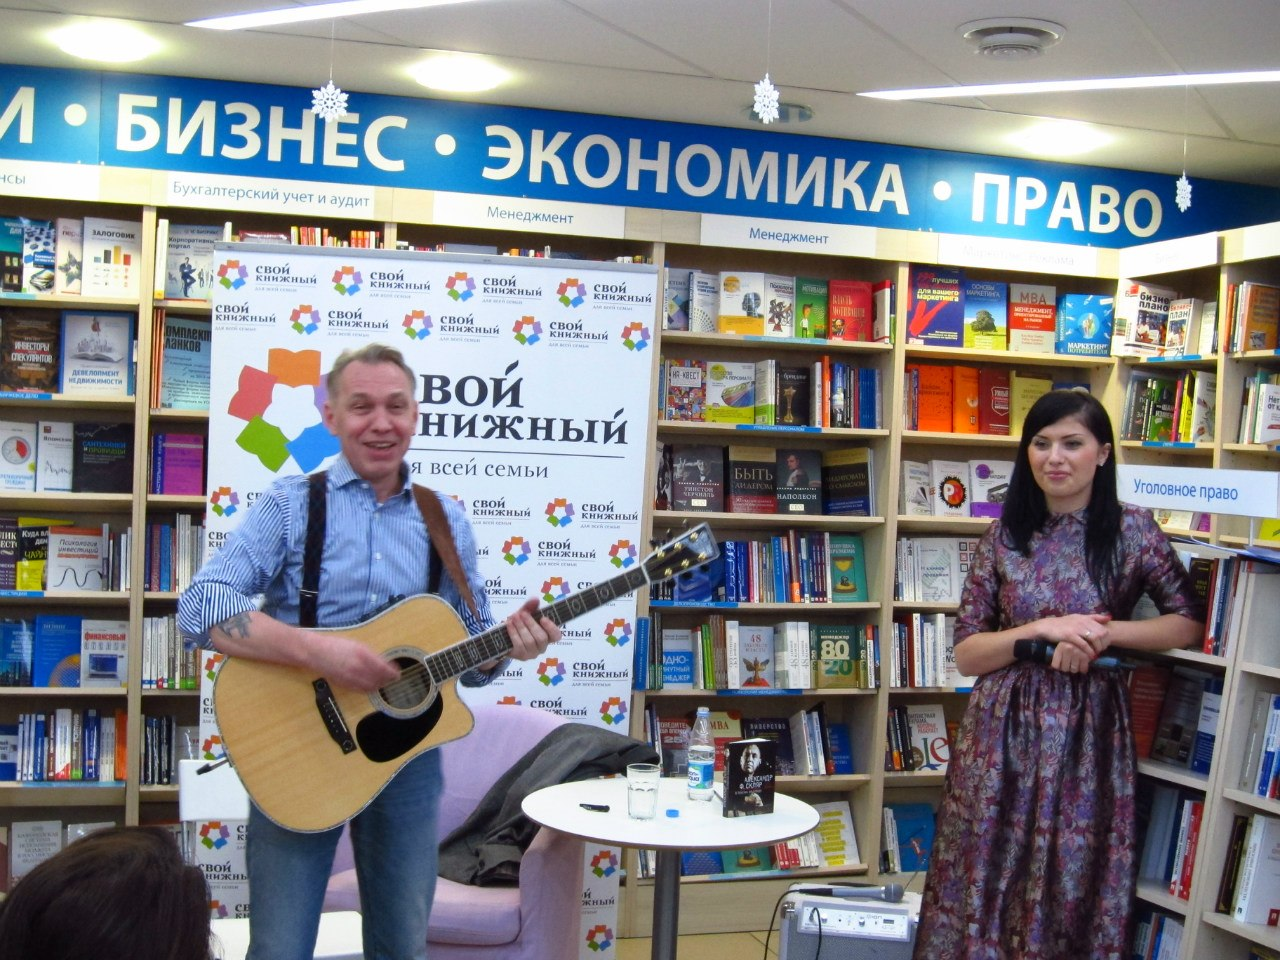 В московских электричках убили поэзию